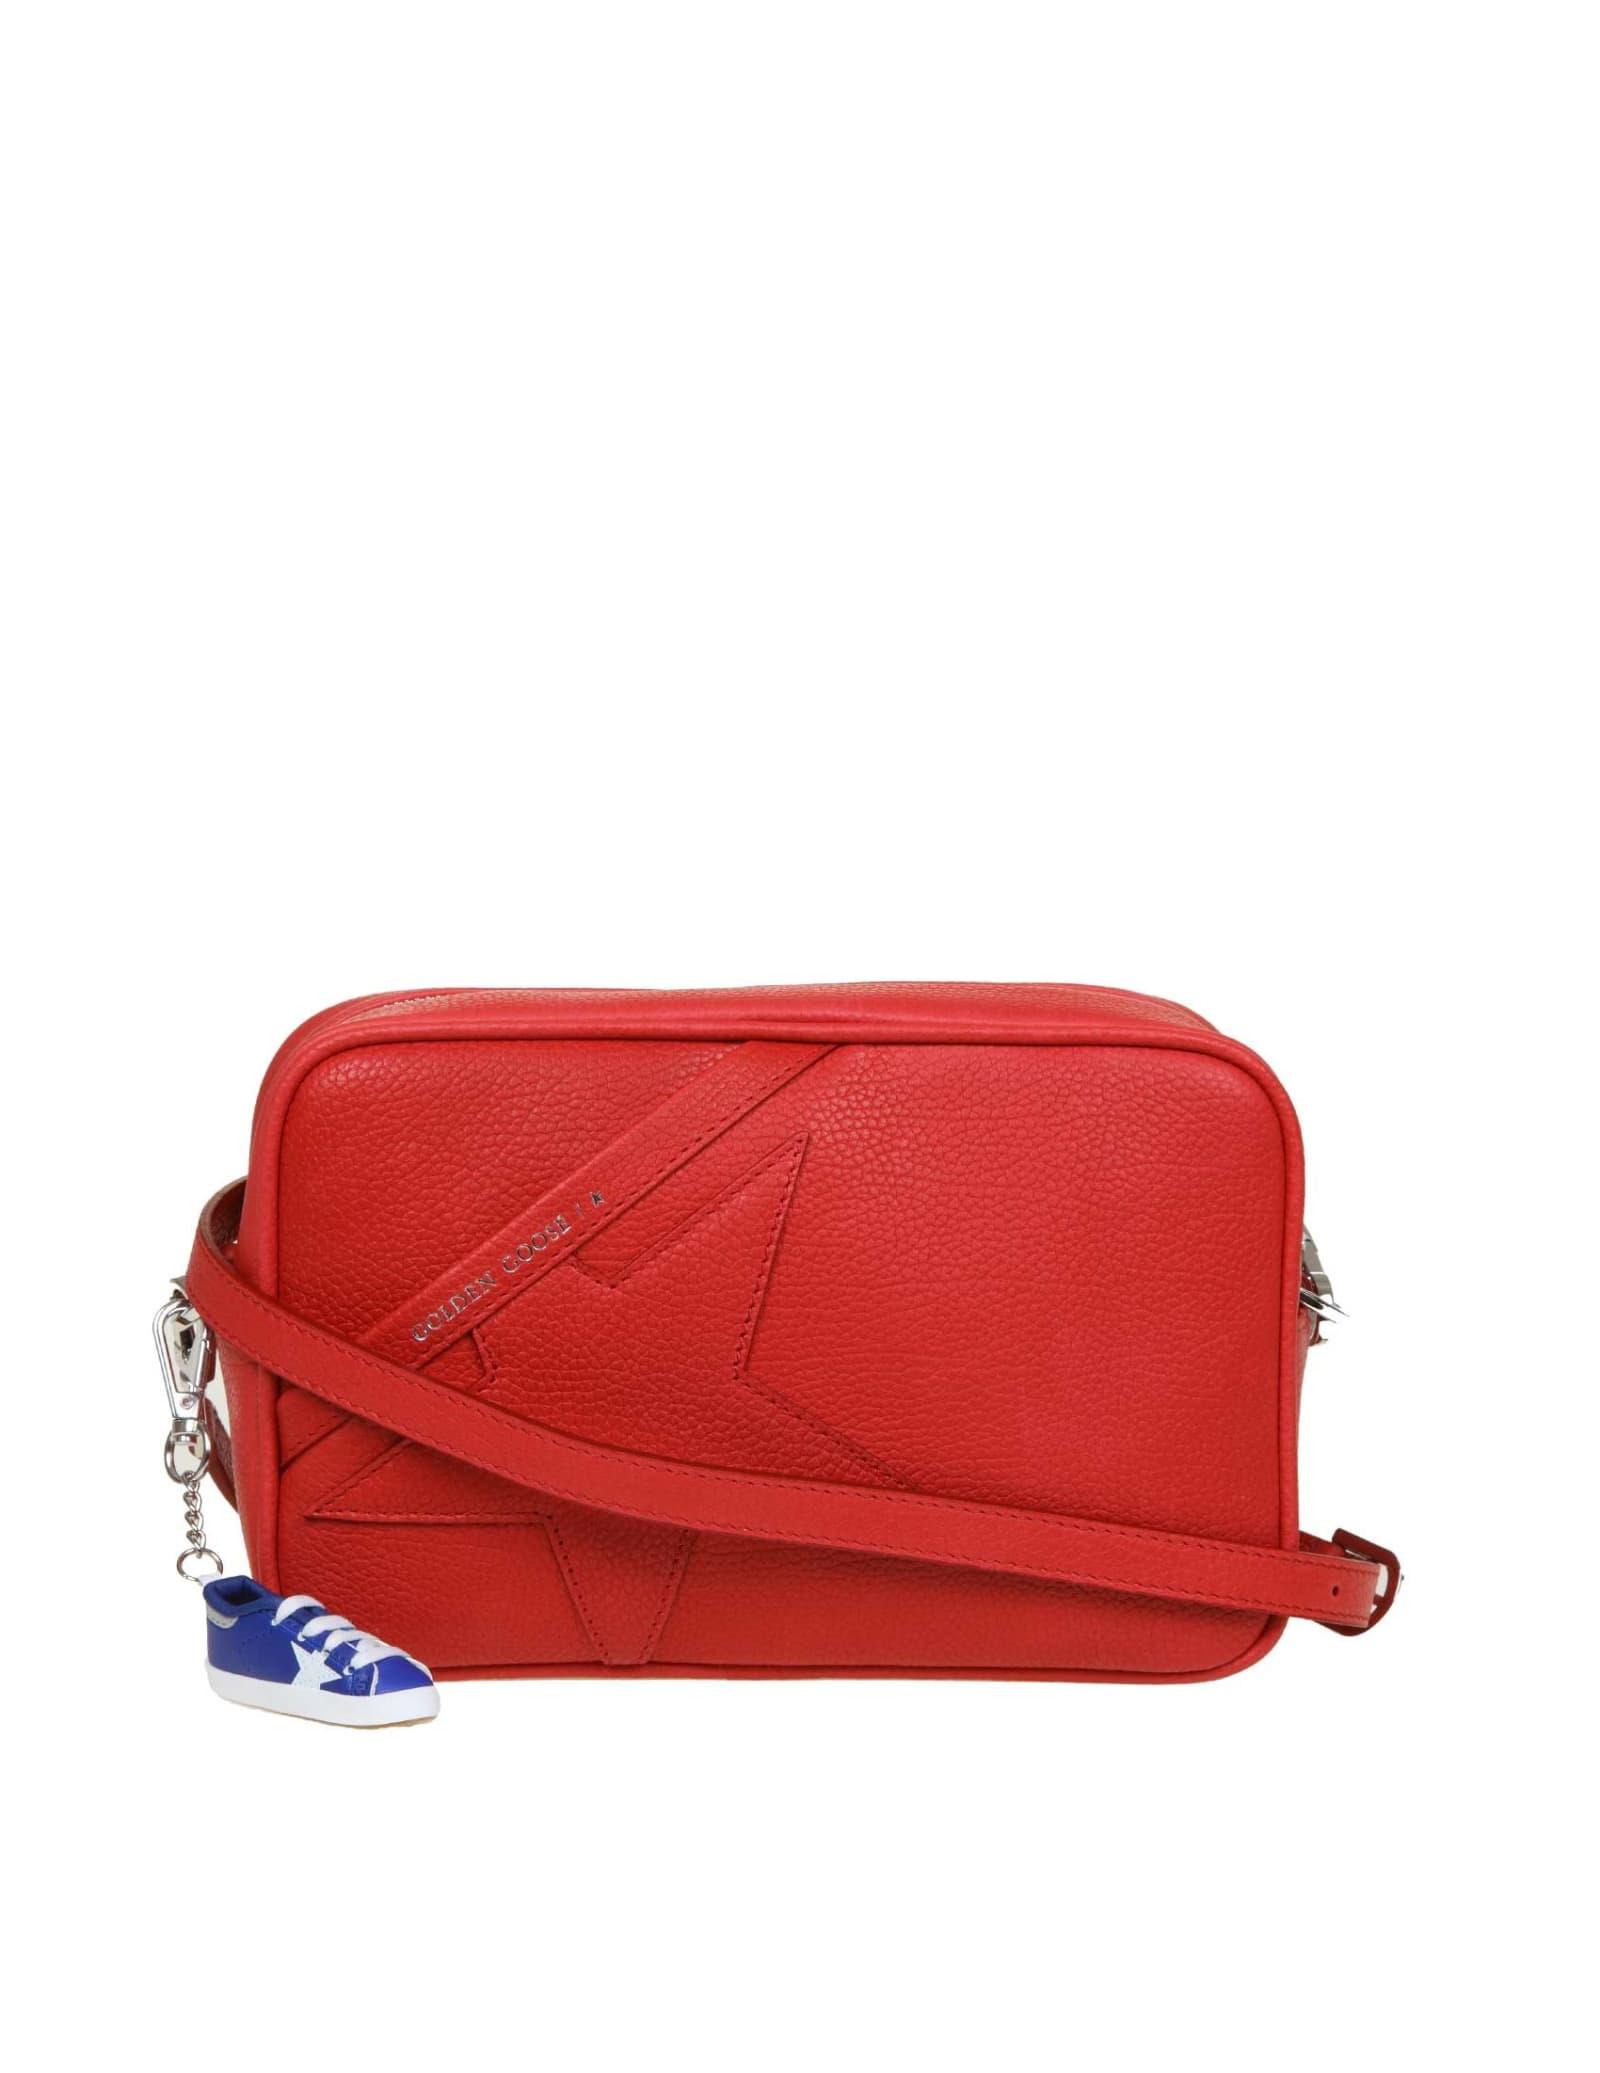 Golden Goose Star Bag Leather Shoulder Bag